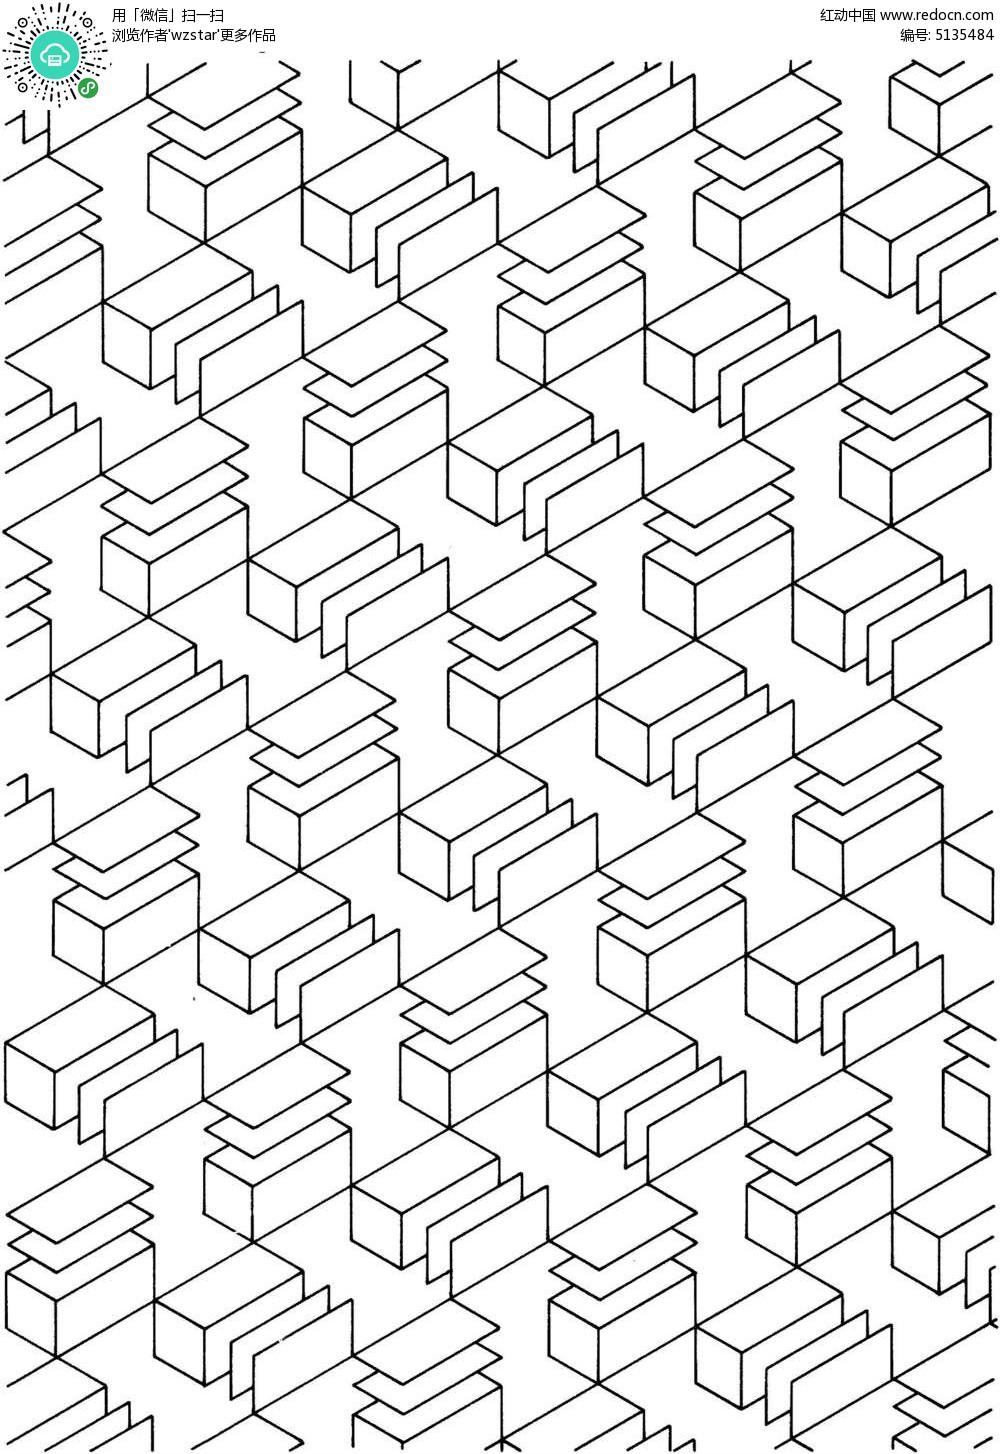 立体长方体组合图形TIF素材免费下载 编号5135484 红动网图片